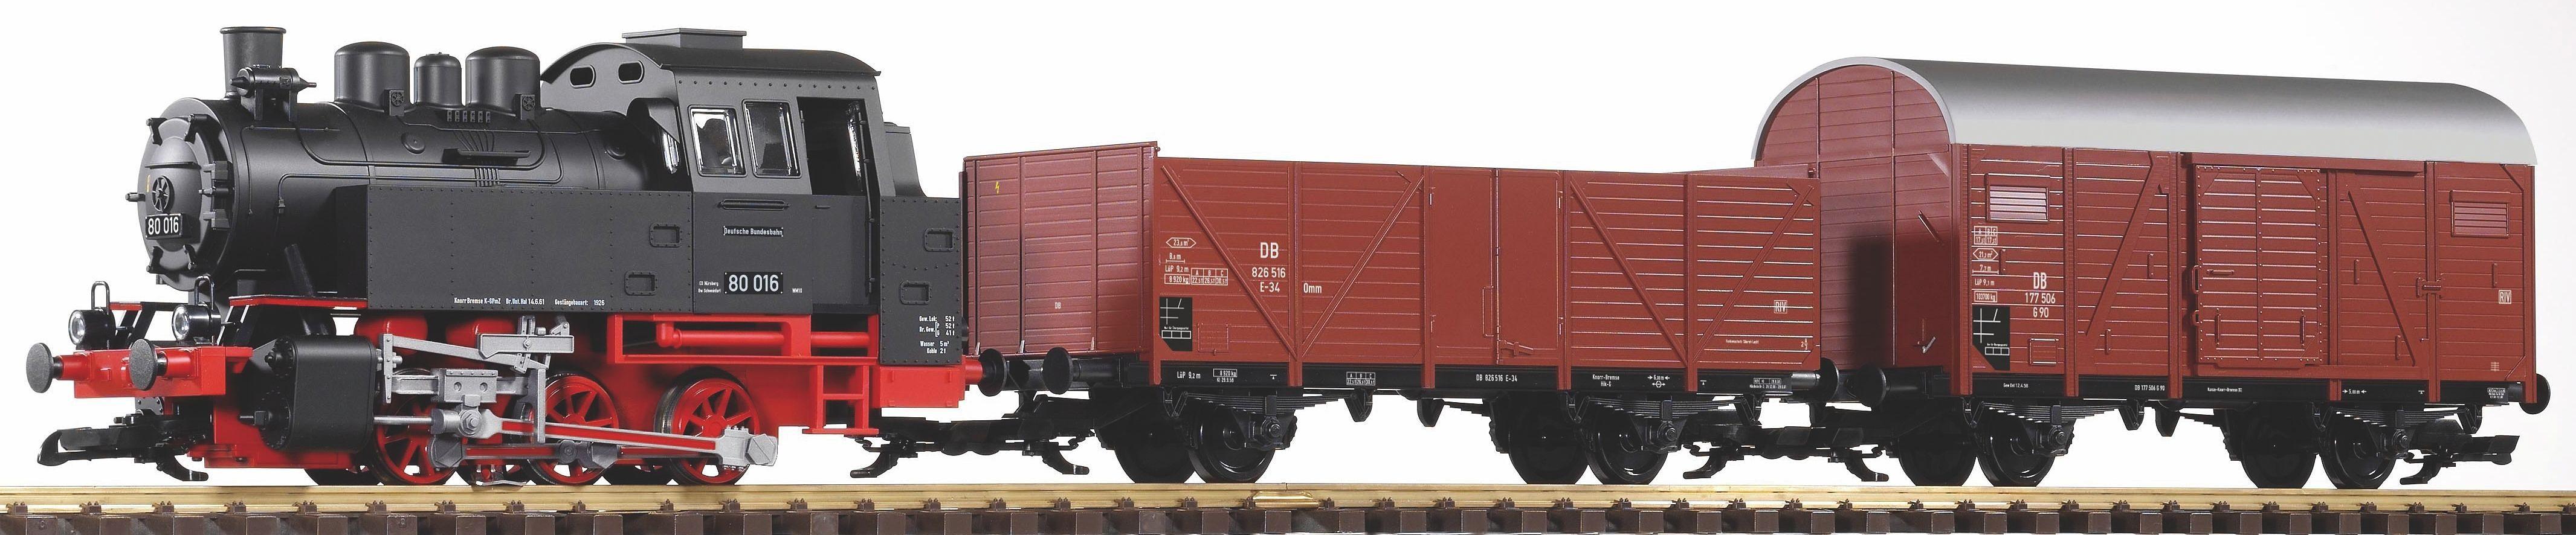 PIKO Modelleisenbahn »Startset Dampflok BR 80 und 2 Güterwagen, DB - Gleichstrom«, Spur G